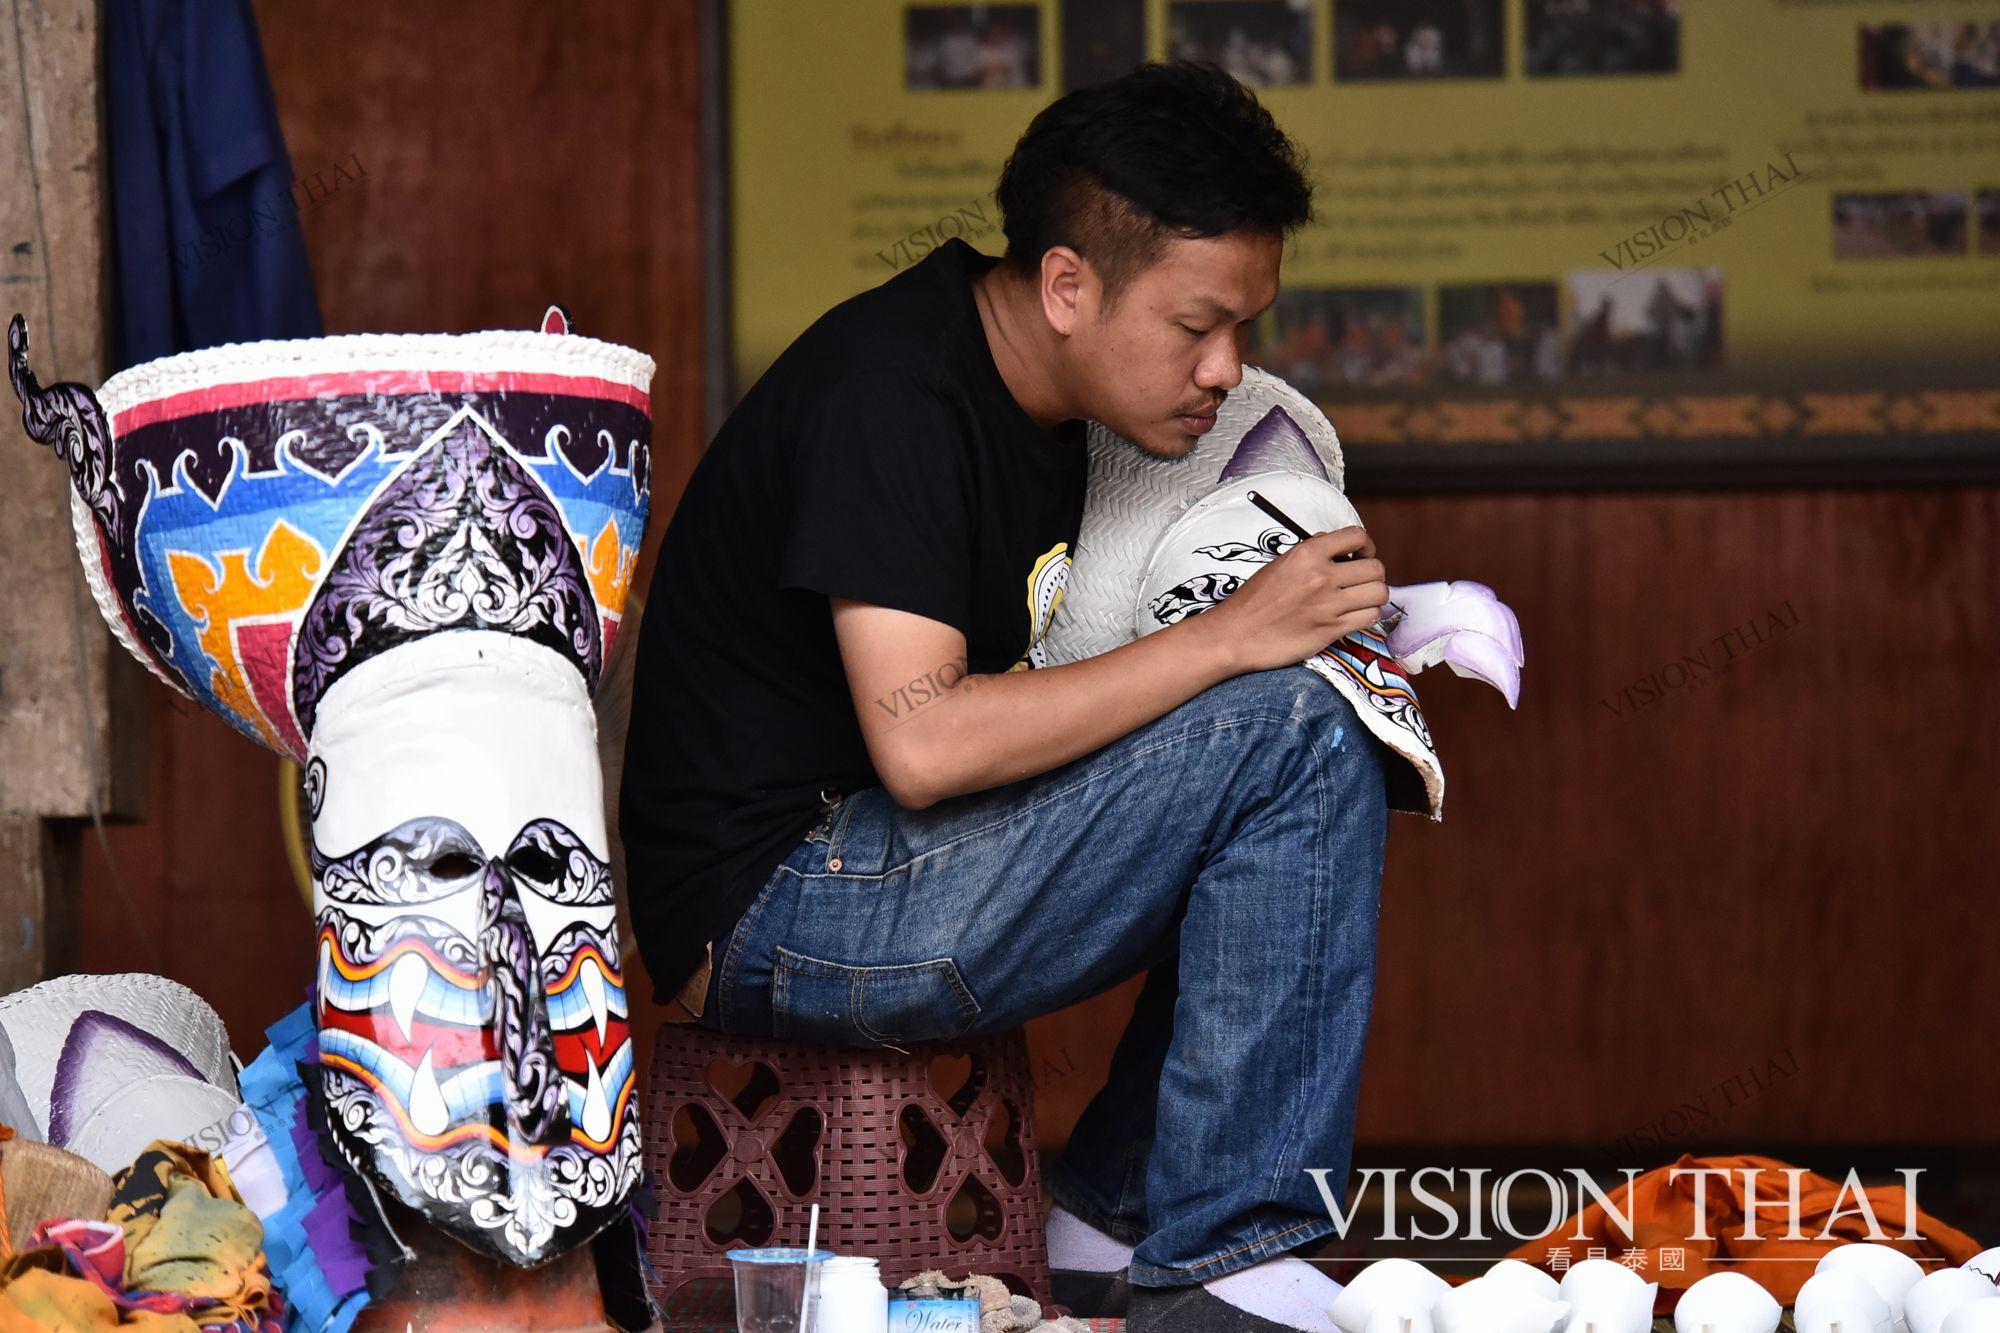 皮塔空面具節受泰國政府「一村一品」影響從宗教儀式轉為節慶活動